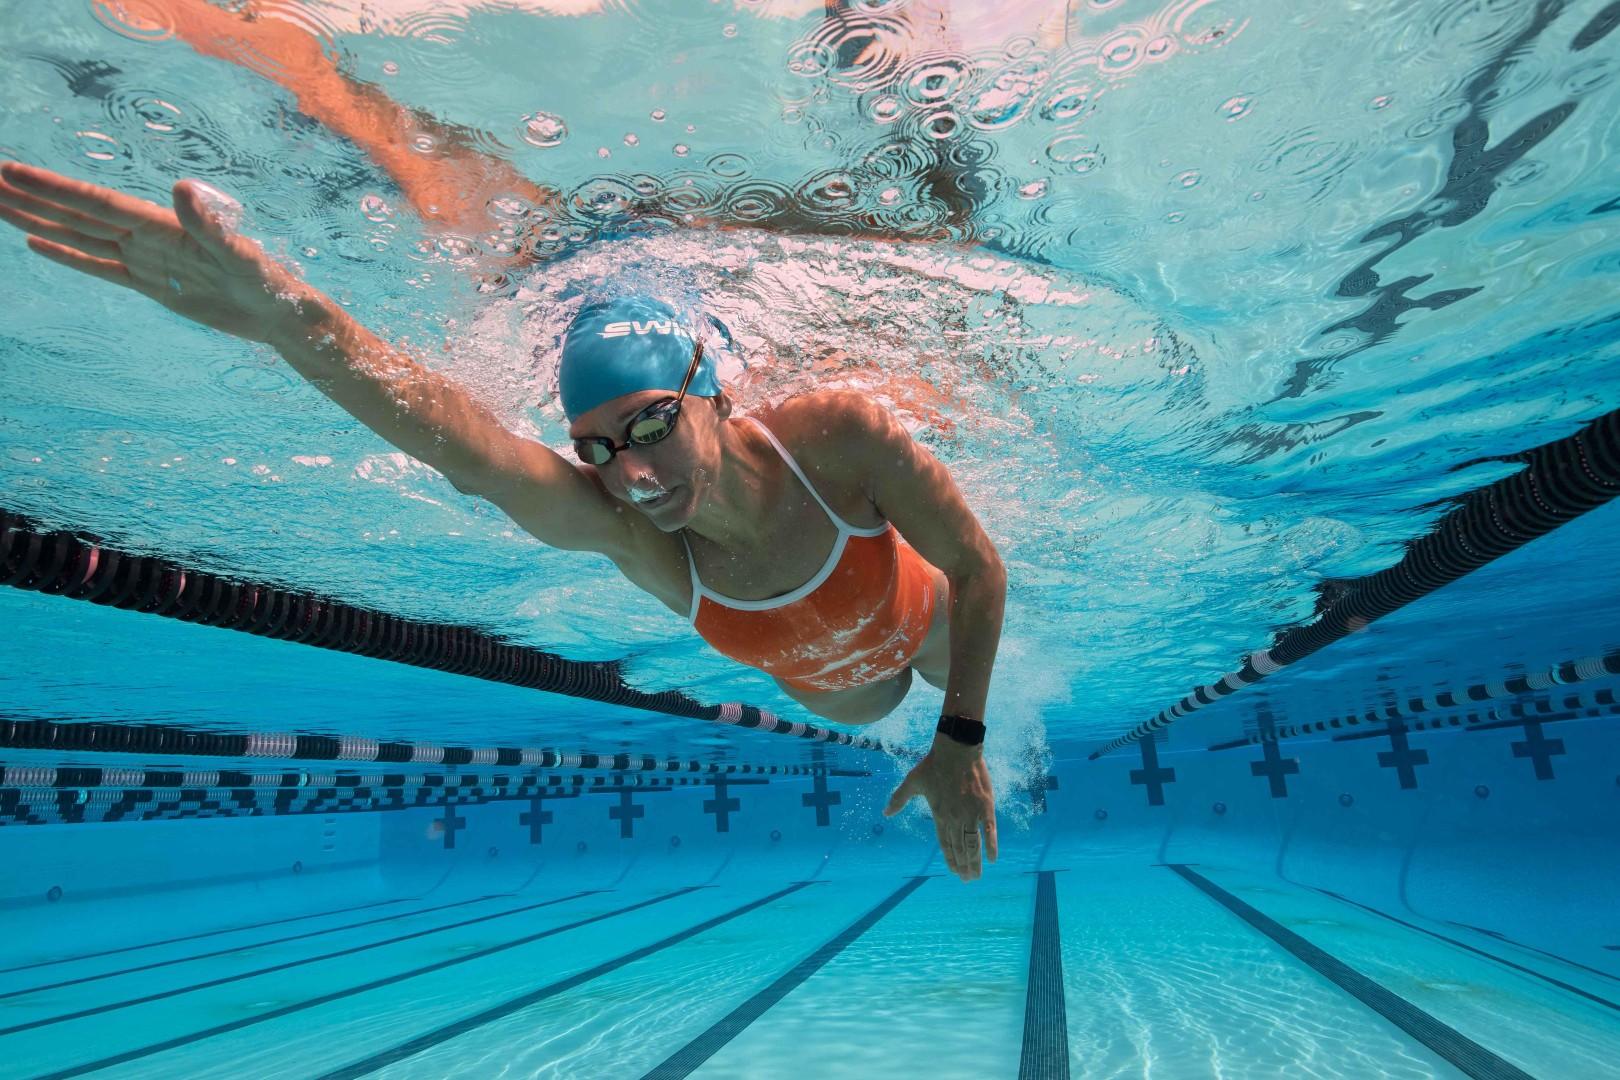 Kết quả hình ảnh cho Thể thao dưới nước tốt cho sức khỏe như thế nào?